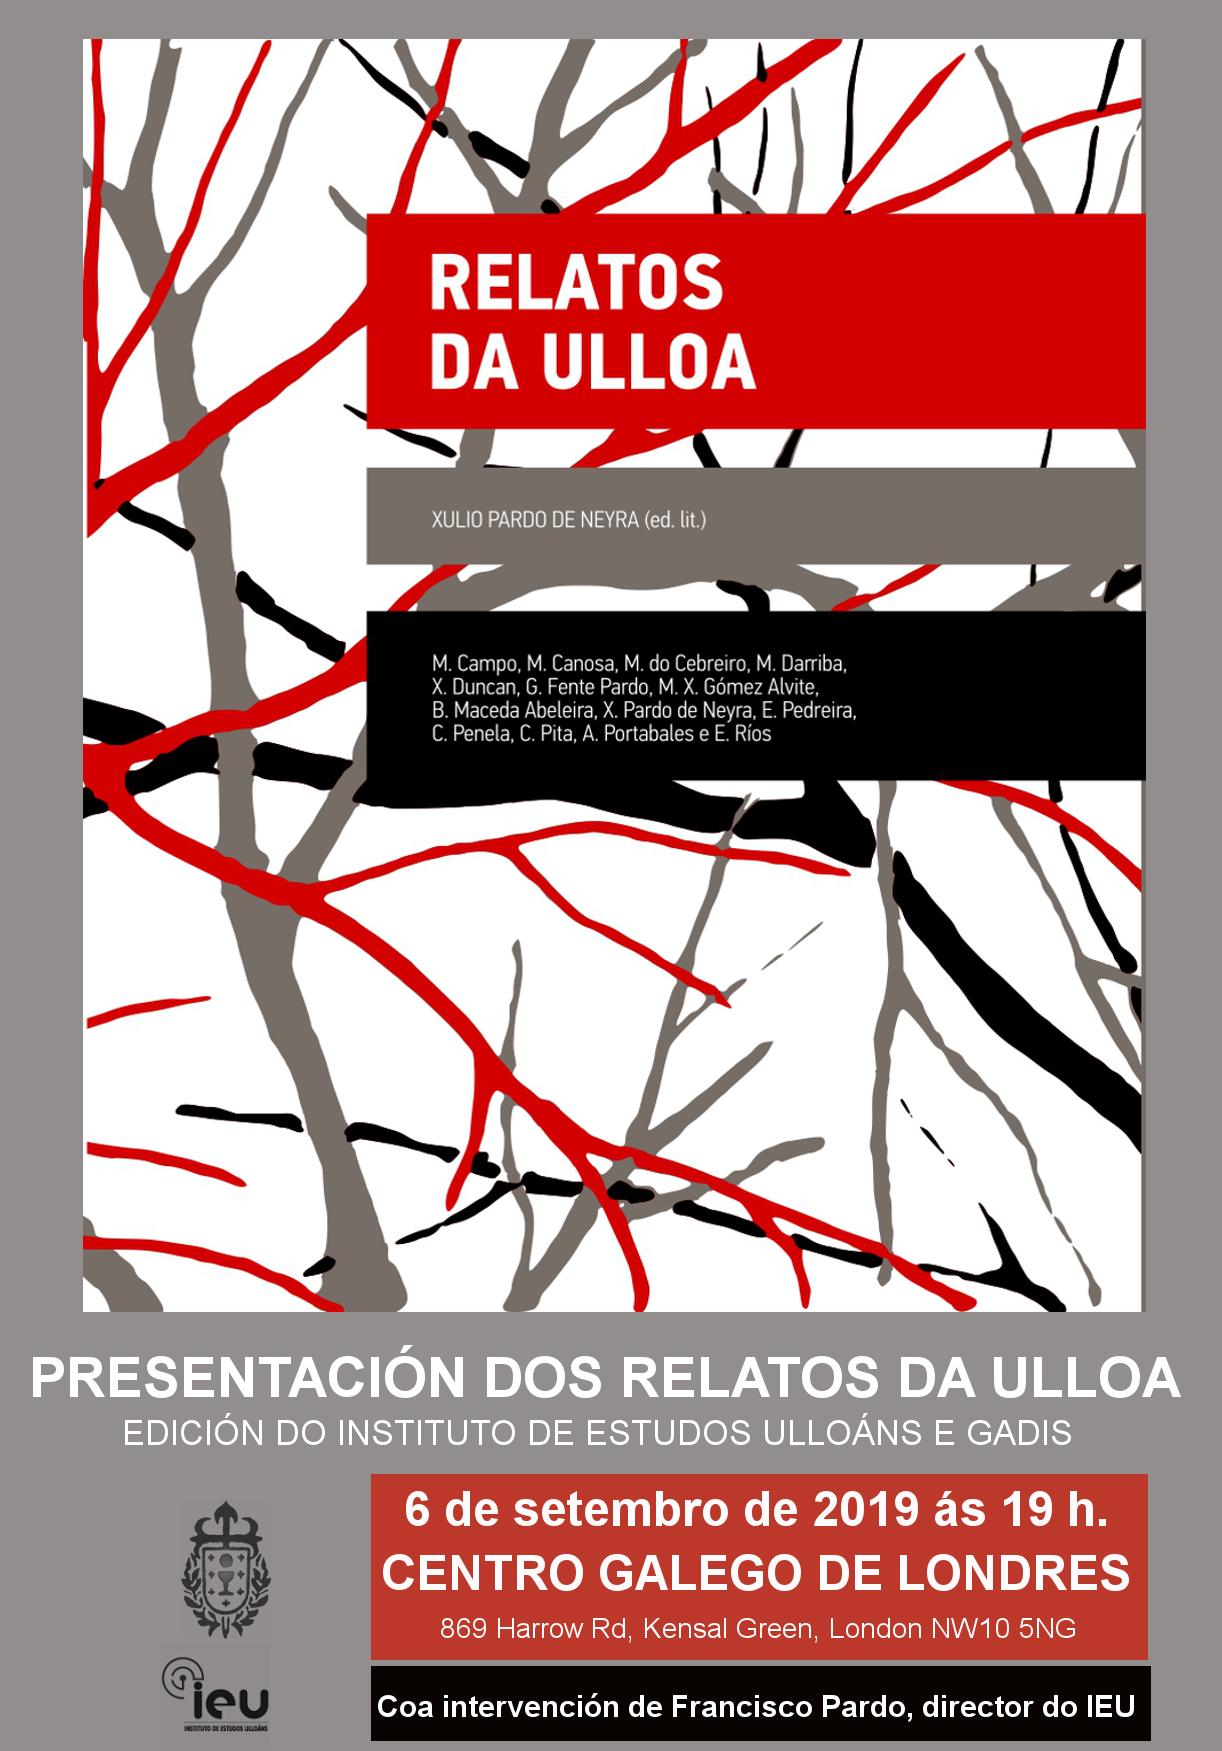 Presentacion Relatos Ulloa no Centro Galego de Londres